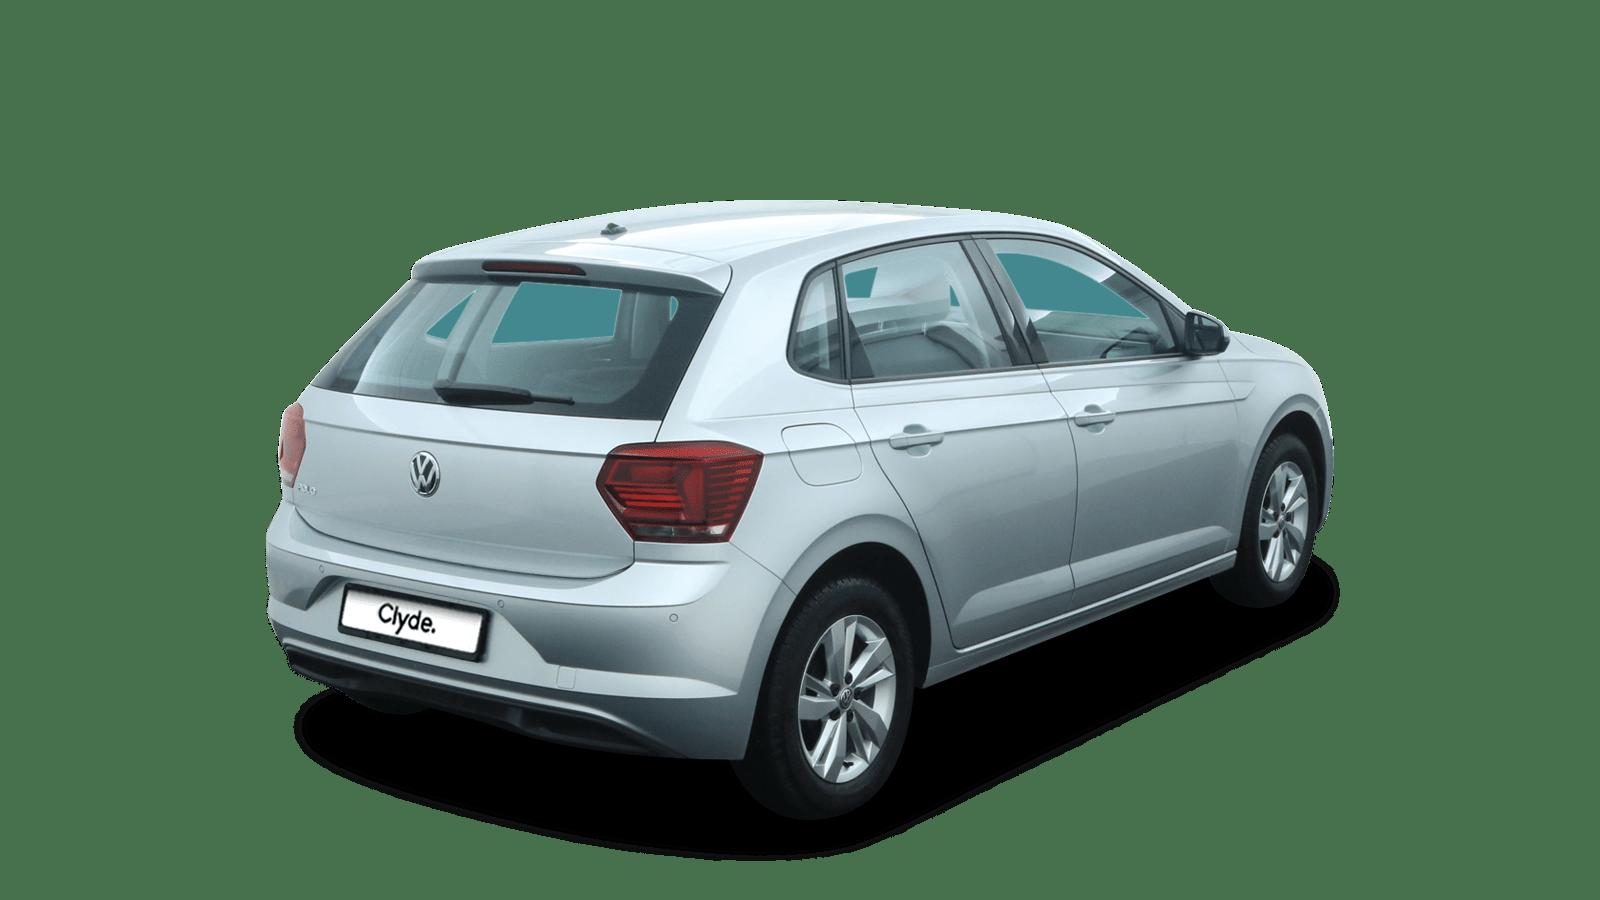 VW Polo Silber rückansicht - Clyde Auto-Abo